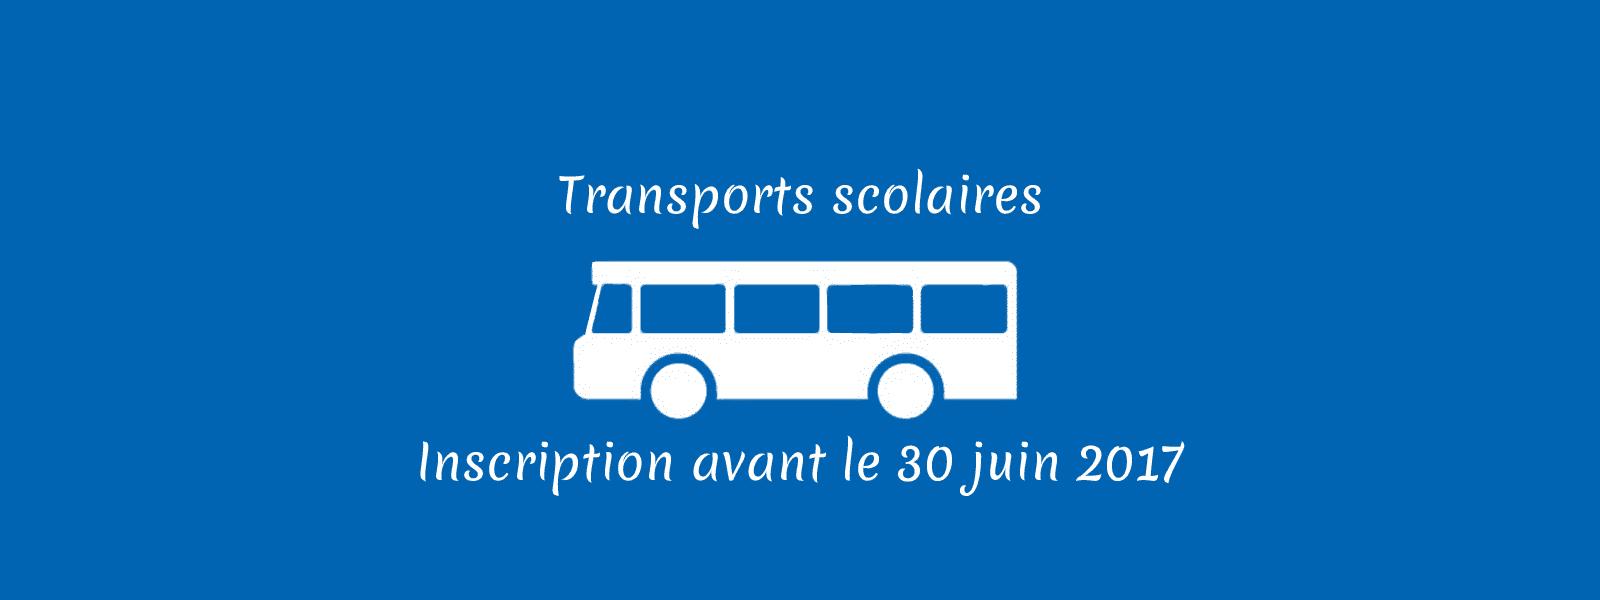 Inscription aux transports scolaires avant le 30 juin 2017